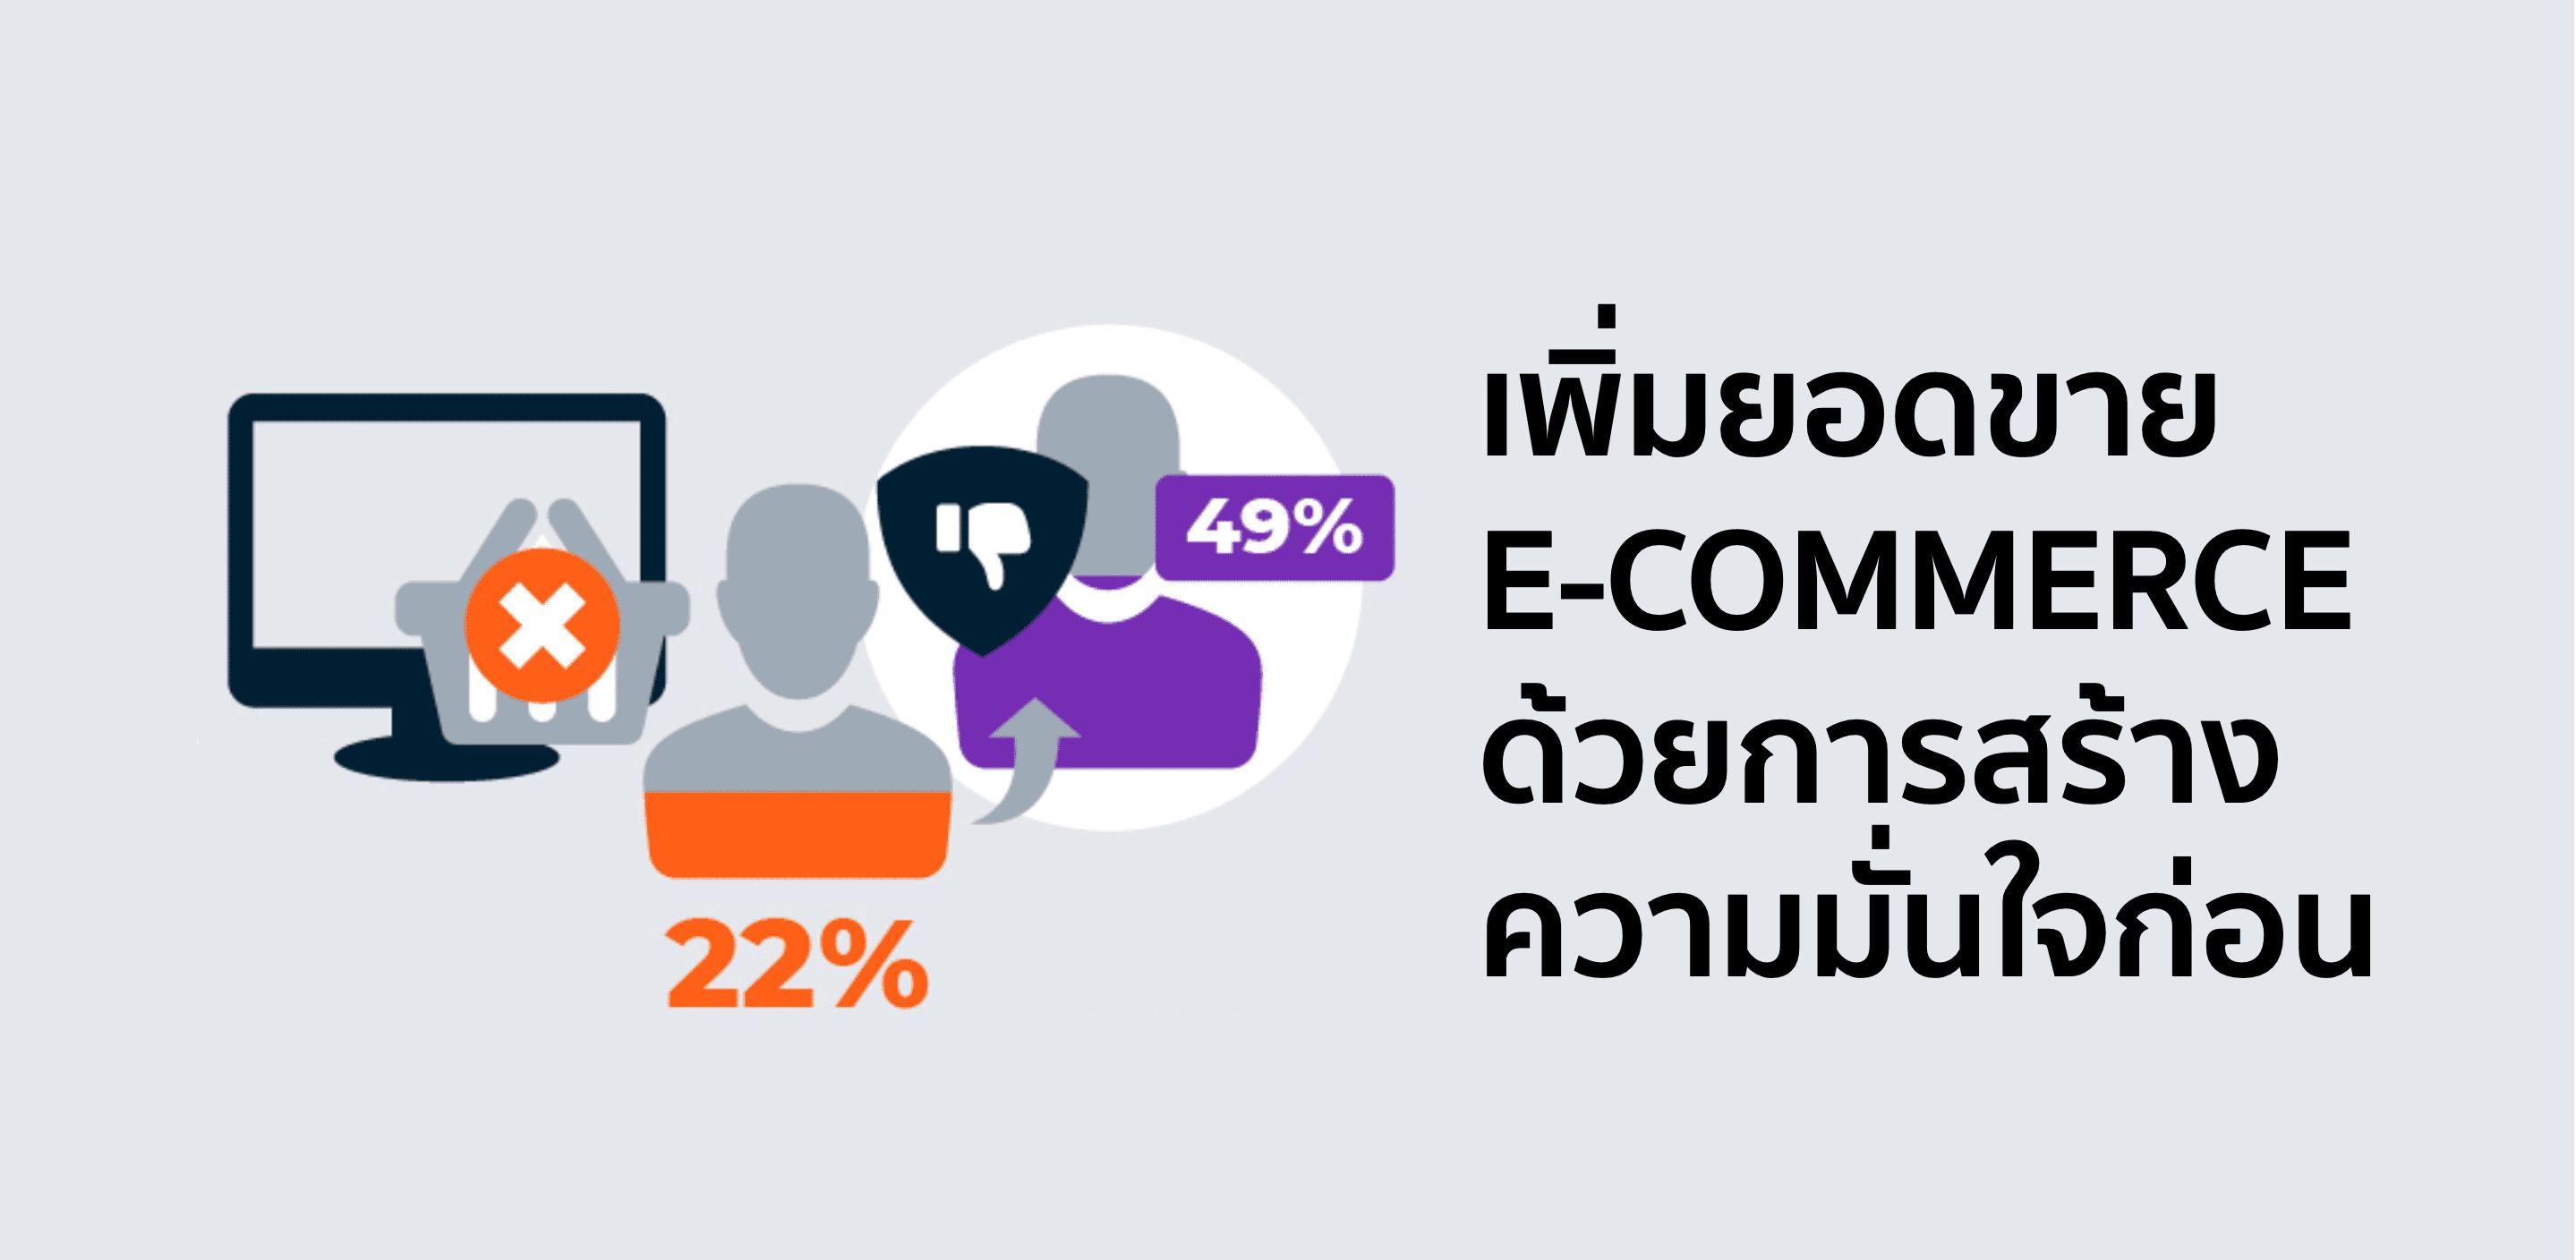 เทคนิคเพิ่มยอดขาย E-commerce ด้วยการสร้าง 'ความน่าเชื่อถือ'